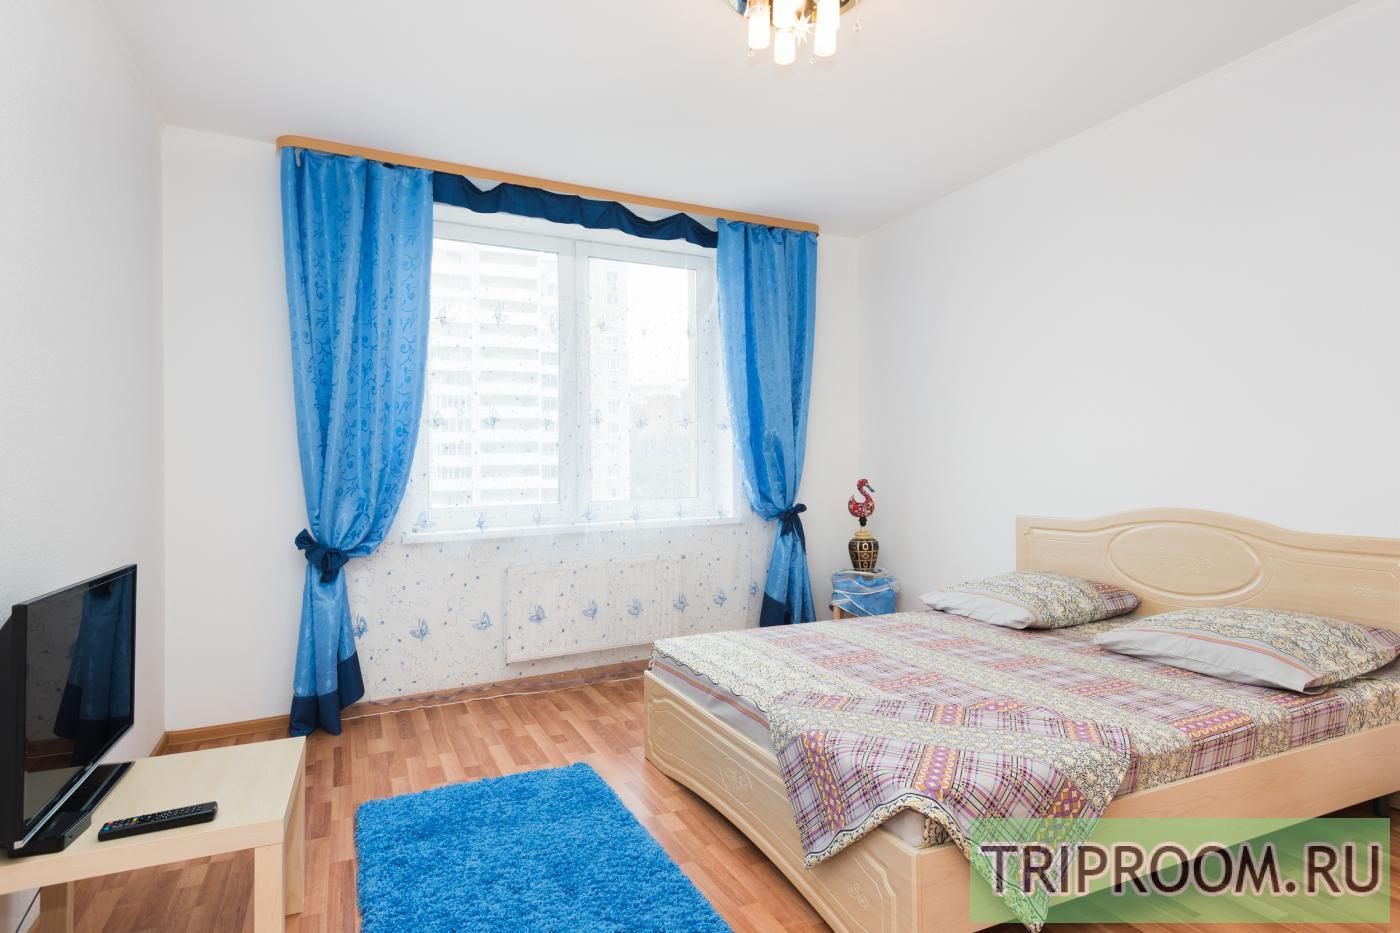 2-комнатная квартира посуточно (вариант № 11950), ул. Шейнкмана улица, фото № 6